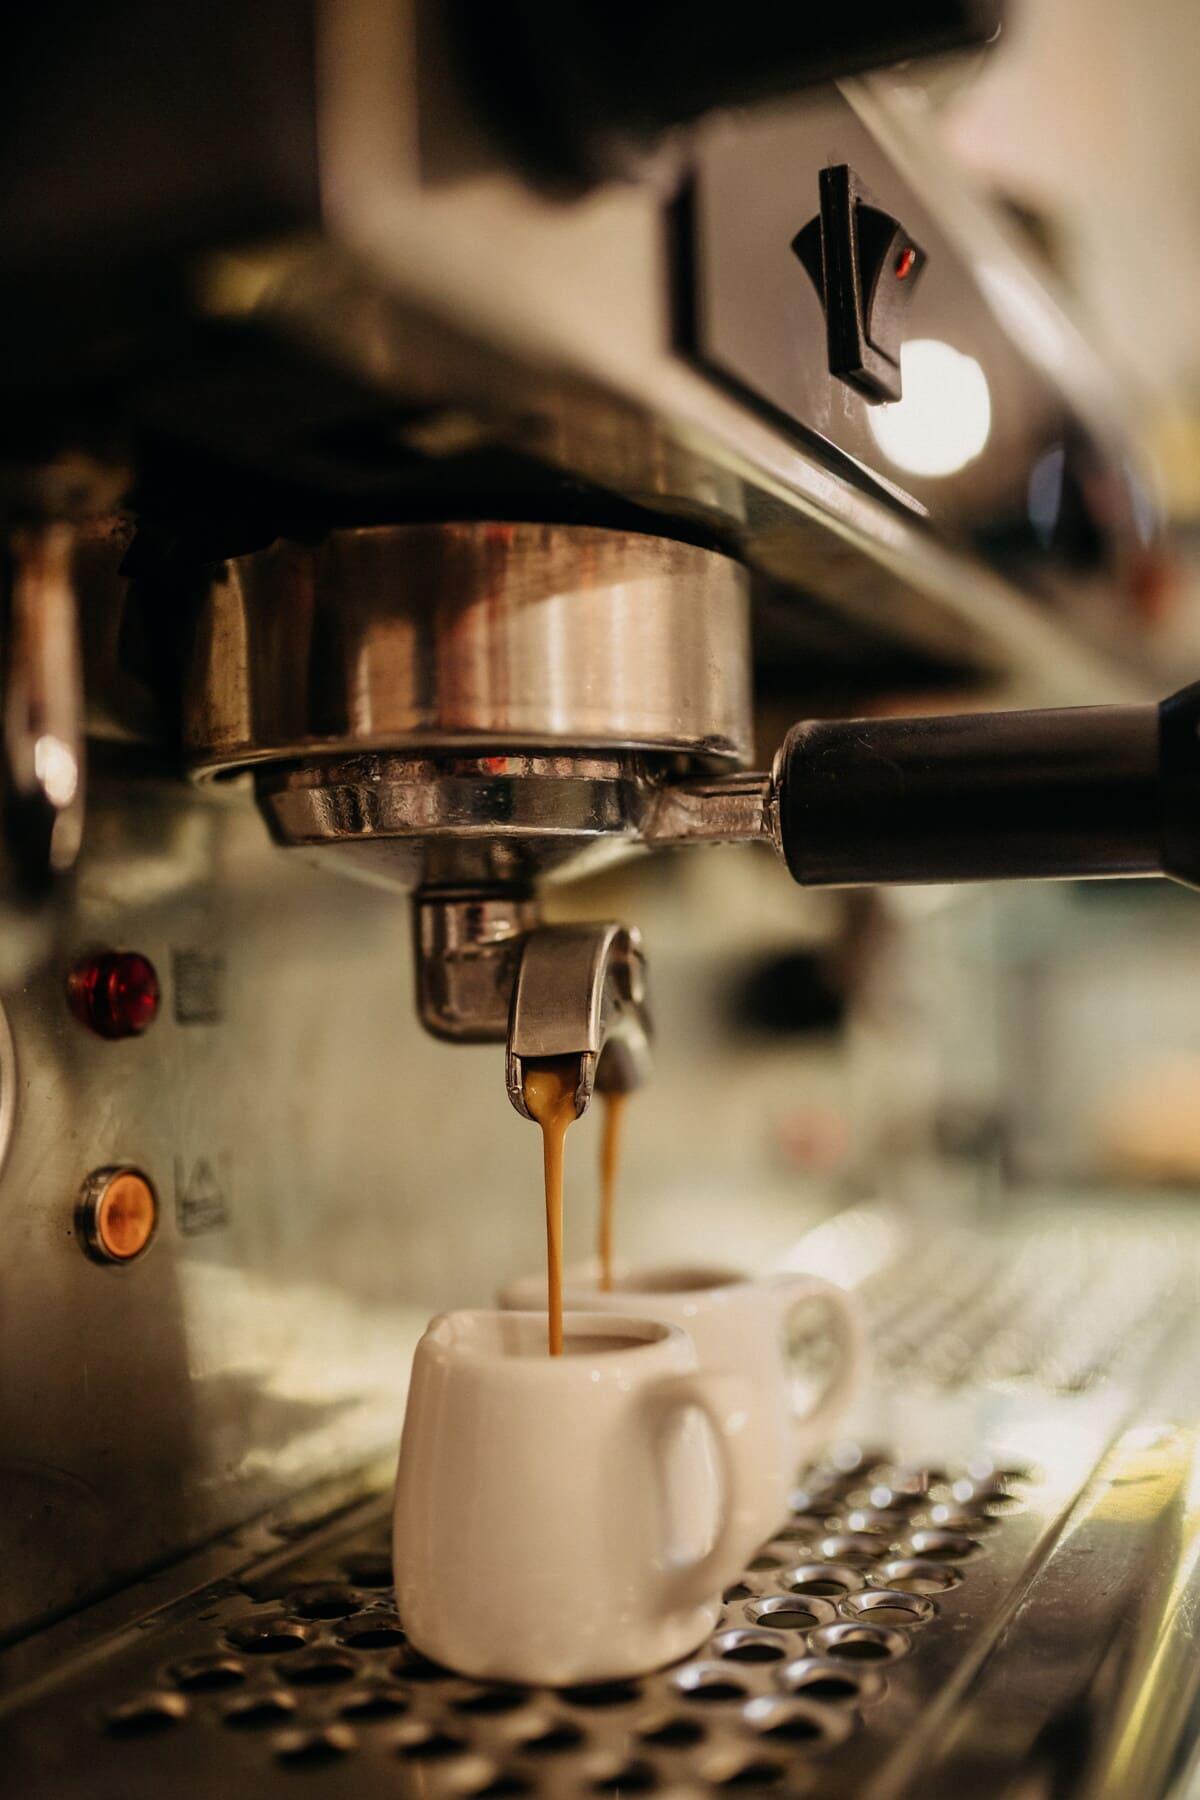 coffee mug, caffeine, restaurant, kitchen, beverage, espresso, coffee, indoors, blur, still life